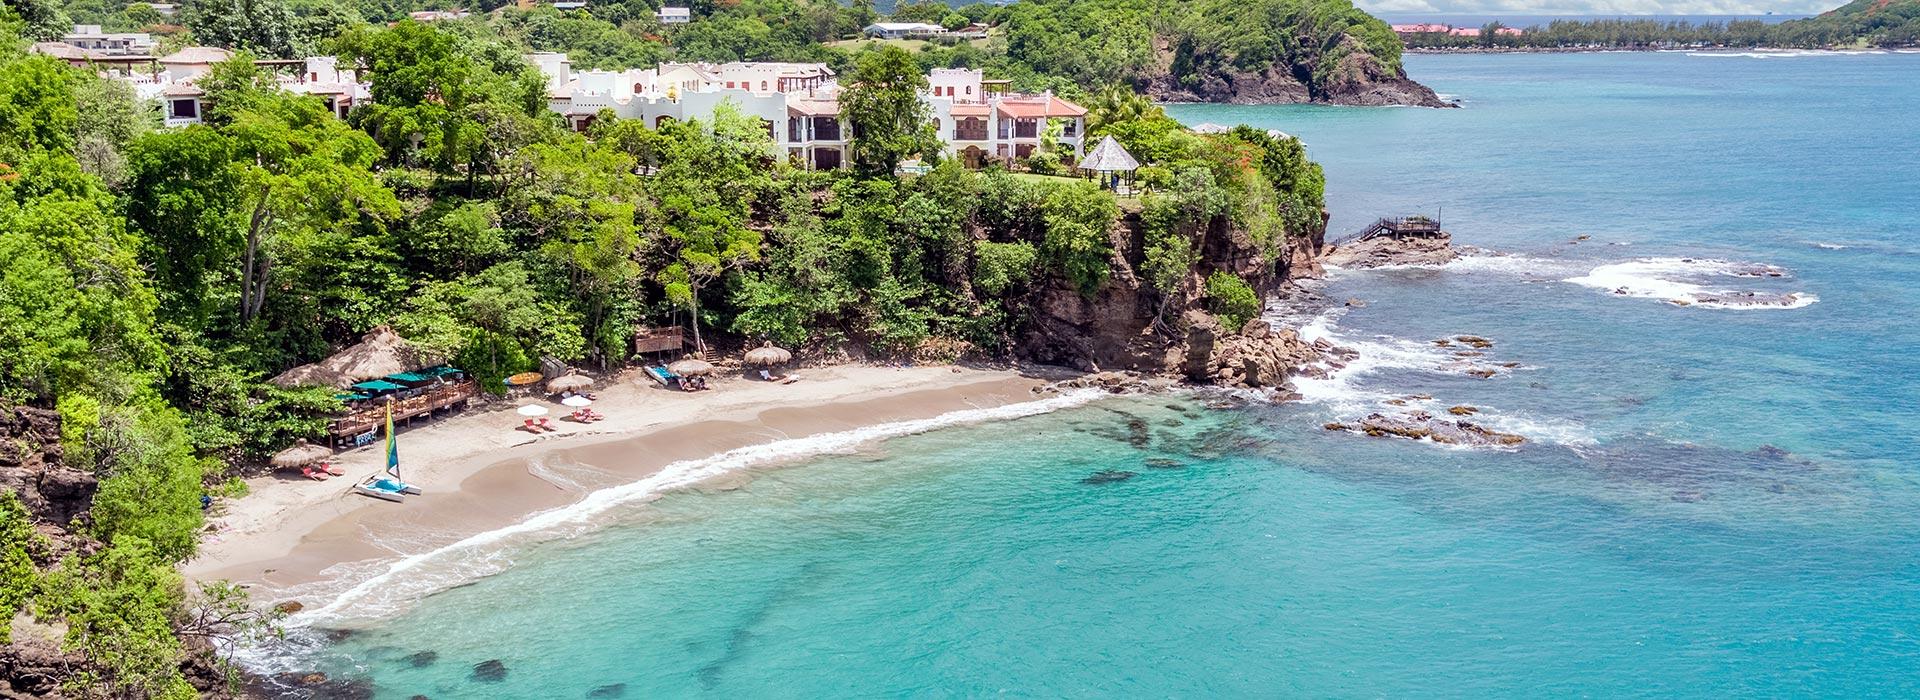 cap maison villa for sale